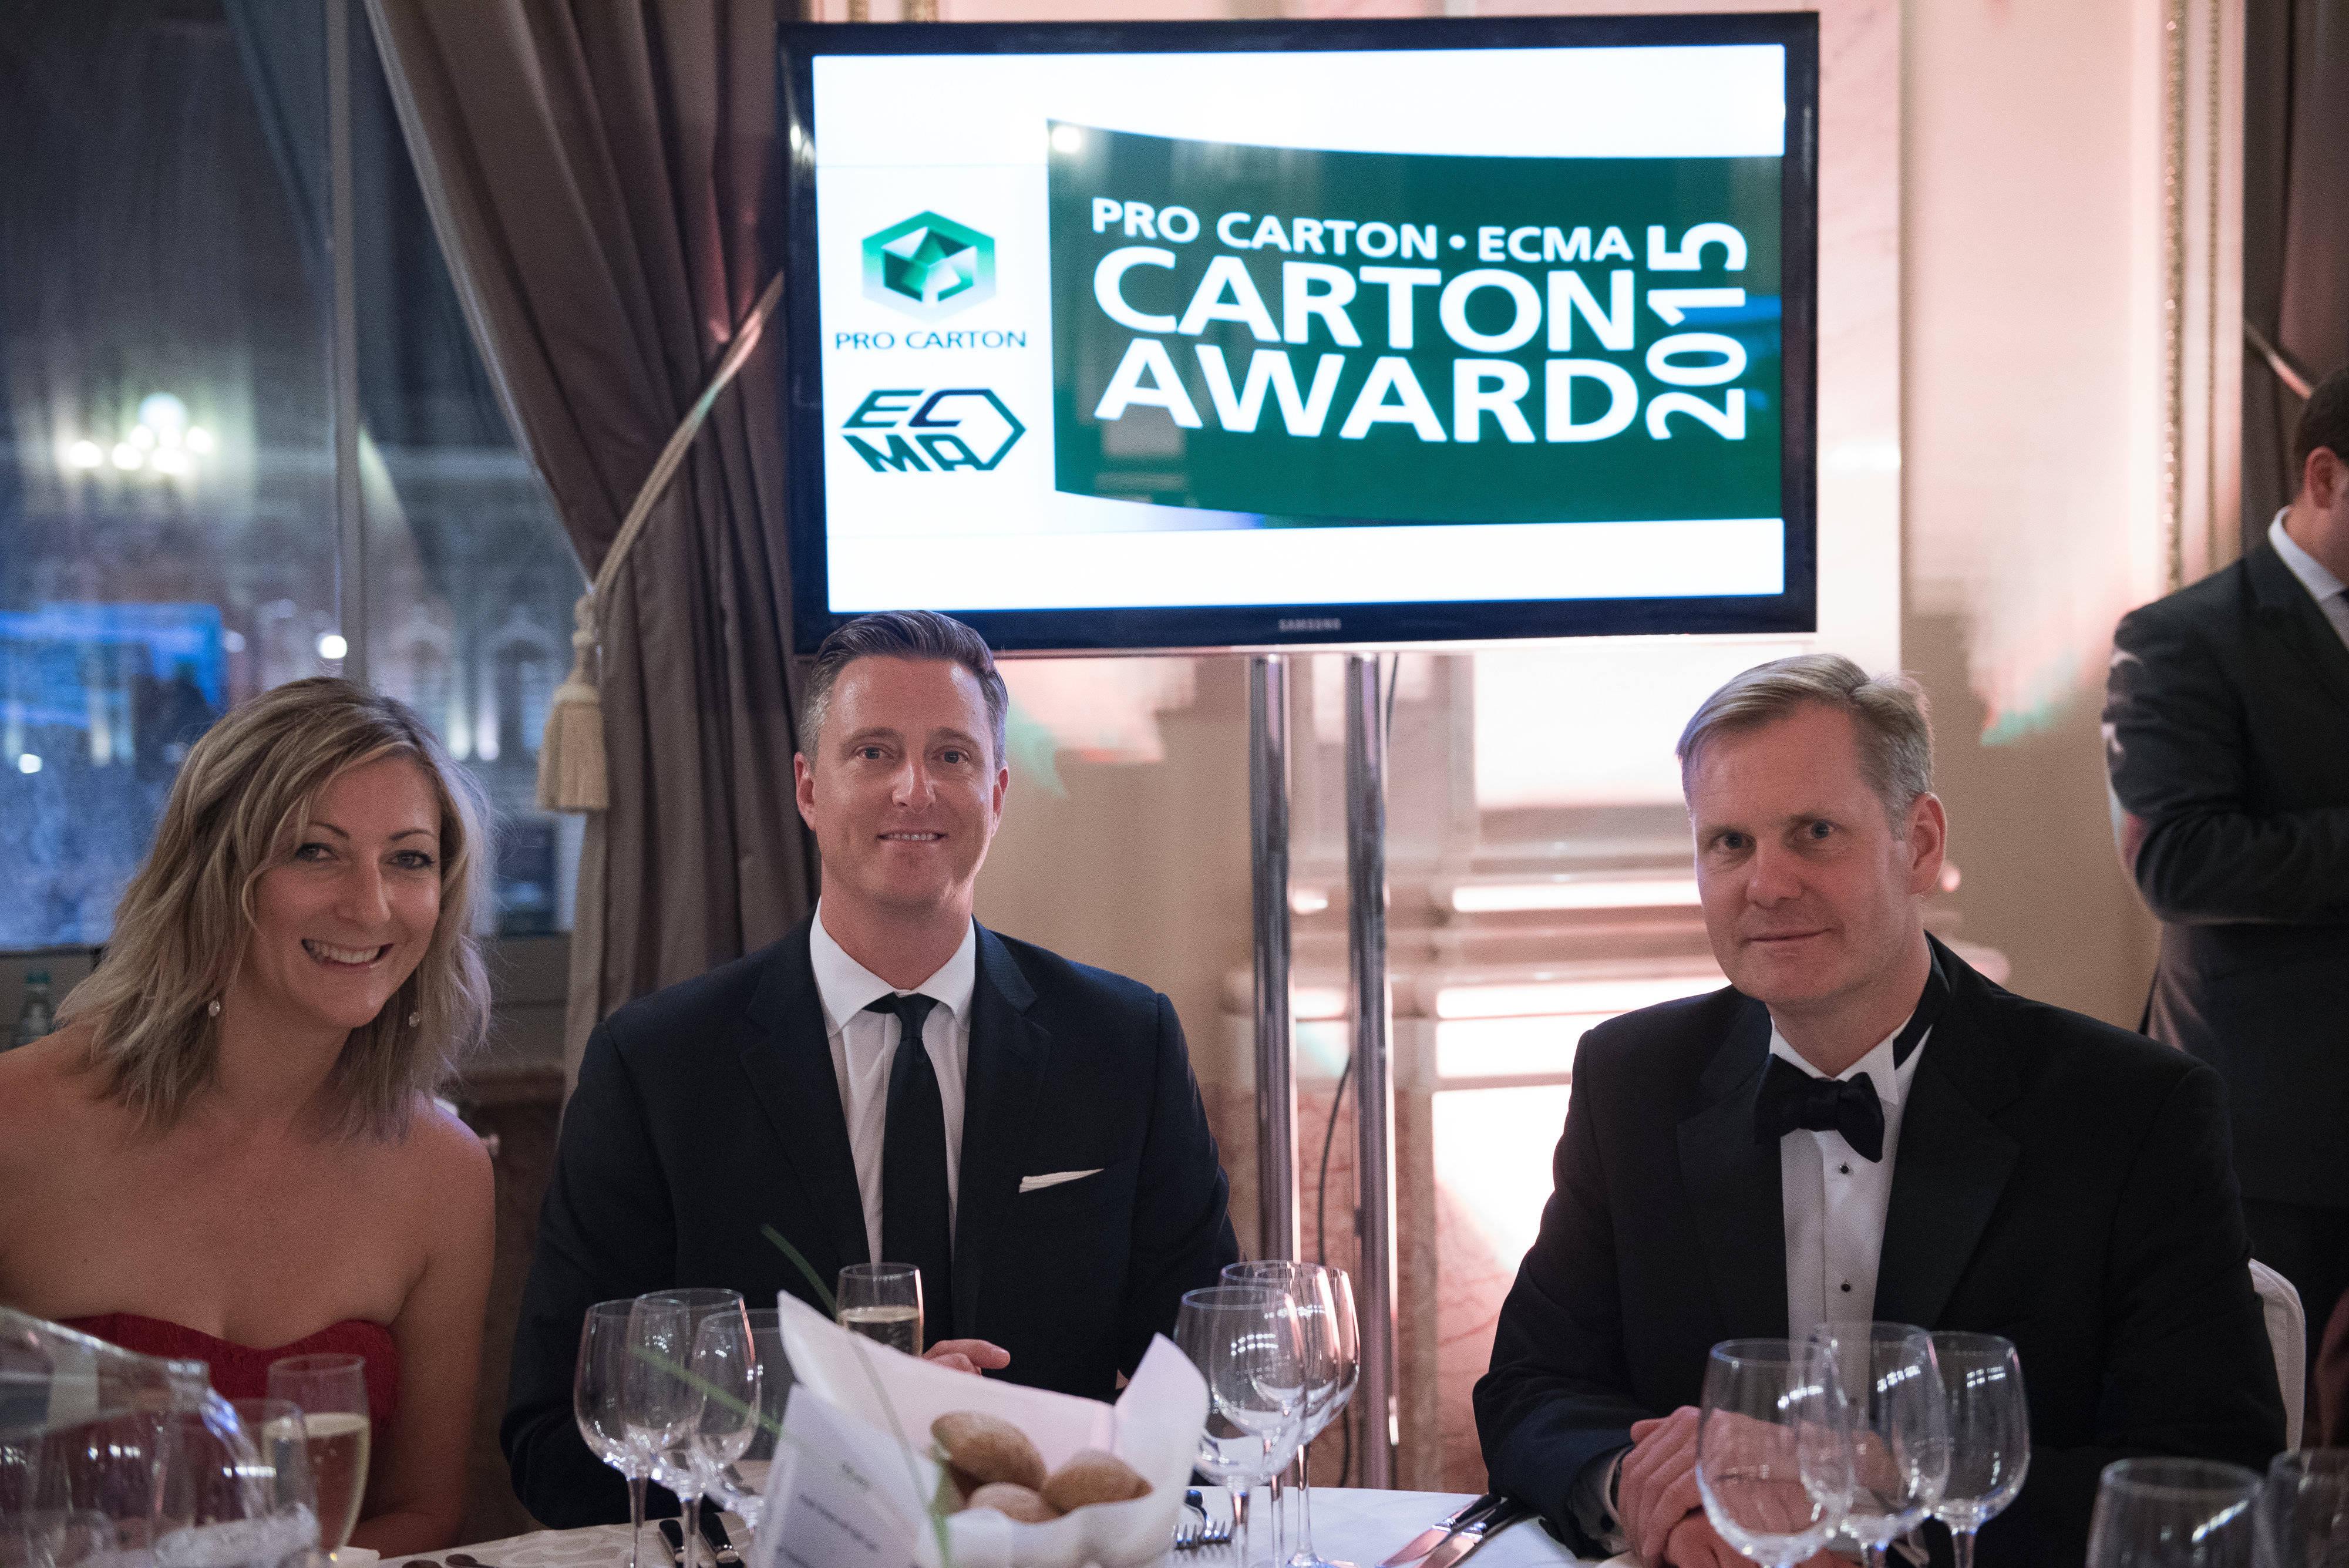 Pro Carton ECMA Award Gala 2015 29